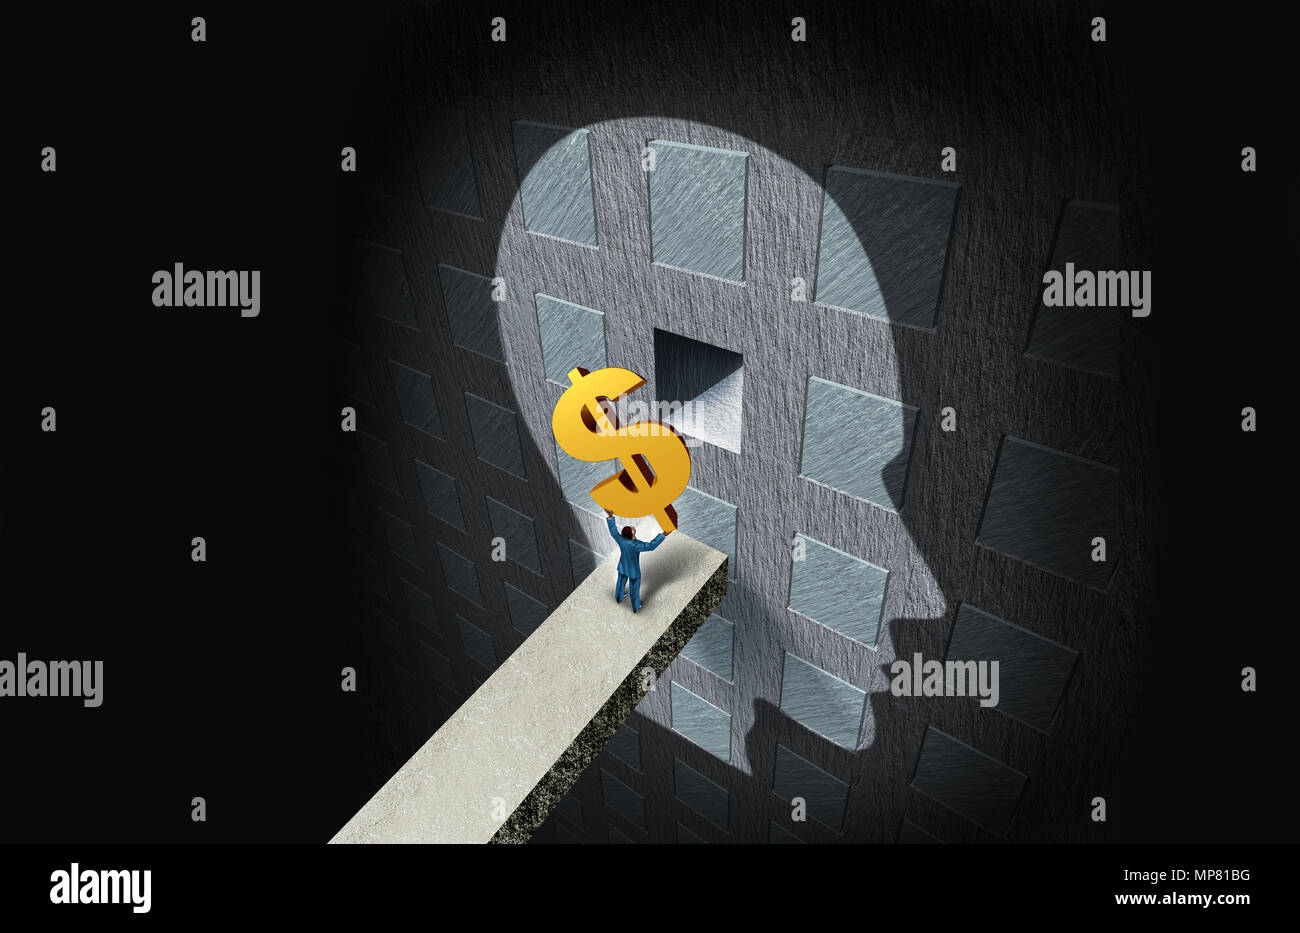 Wirtschaftspsychologie Konzept und Reichtum denken oder finanzielle Bildung und Psychiatrie oder Psychologe gebühren Symbol mit 3D-Illustration Elemente. Stockbild